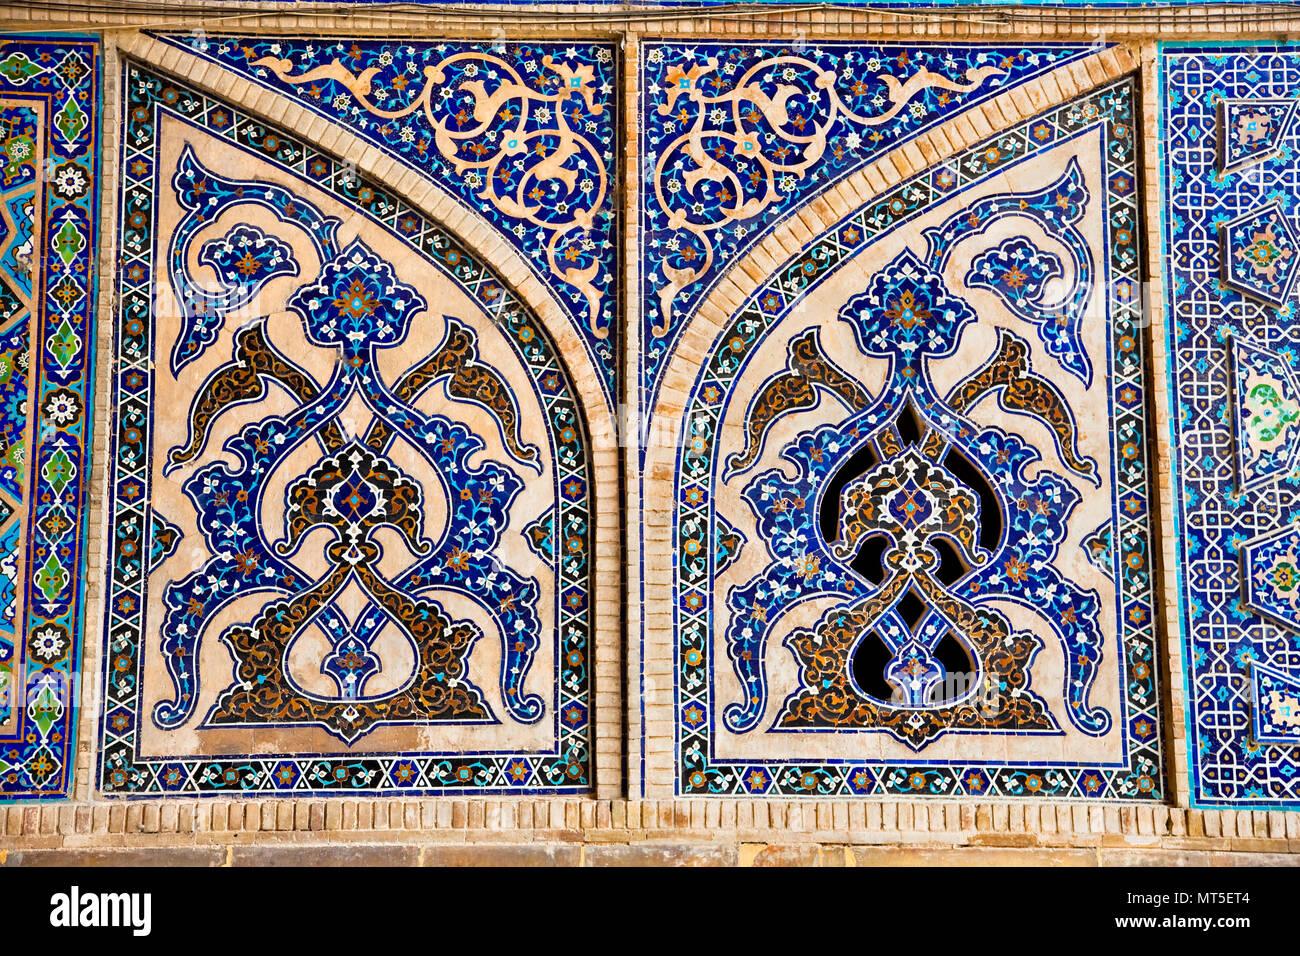 Orientale con piastrelle a mosaico di parete ateegh moschea jame